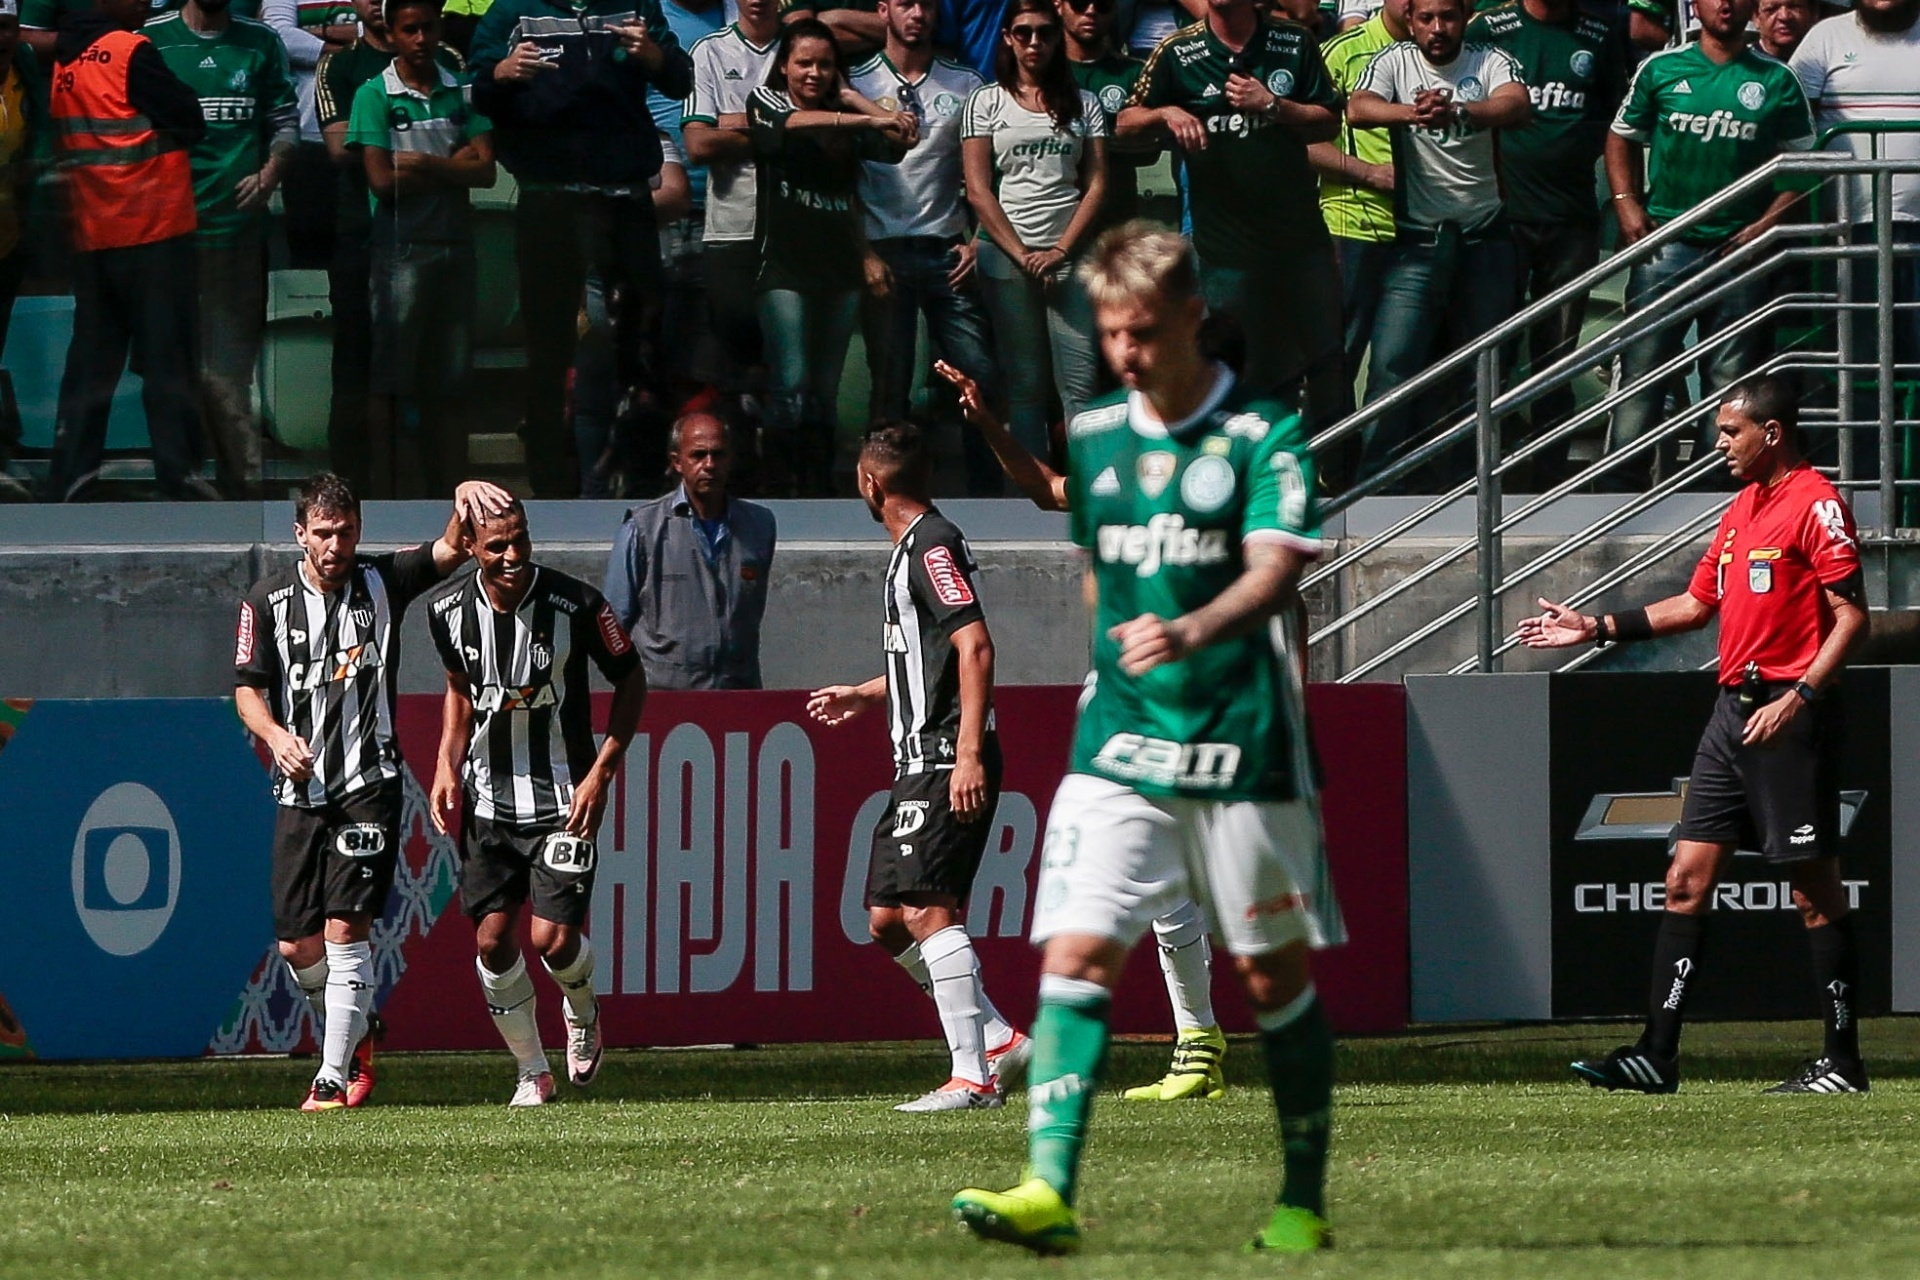 e0eae83157 Atlético-MG vence Palmeiras e embola o Campeonato Brasileiro - 24 07 2016 -  UOL Esporte